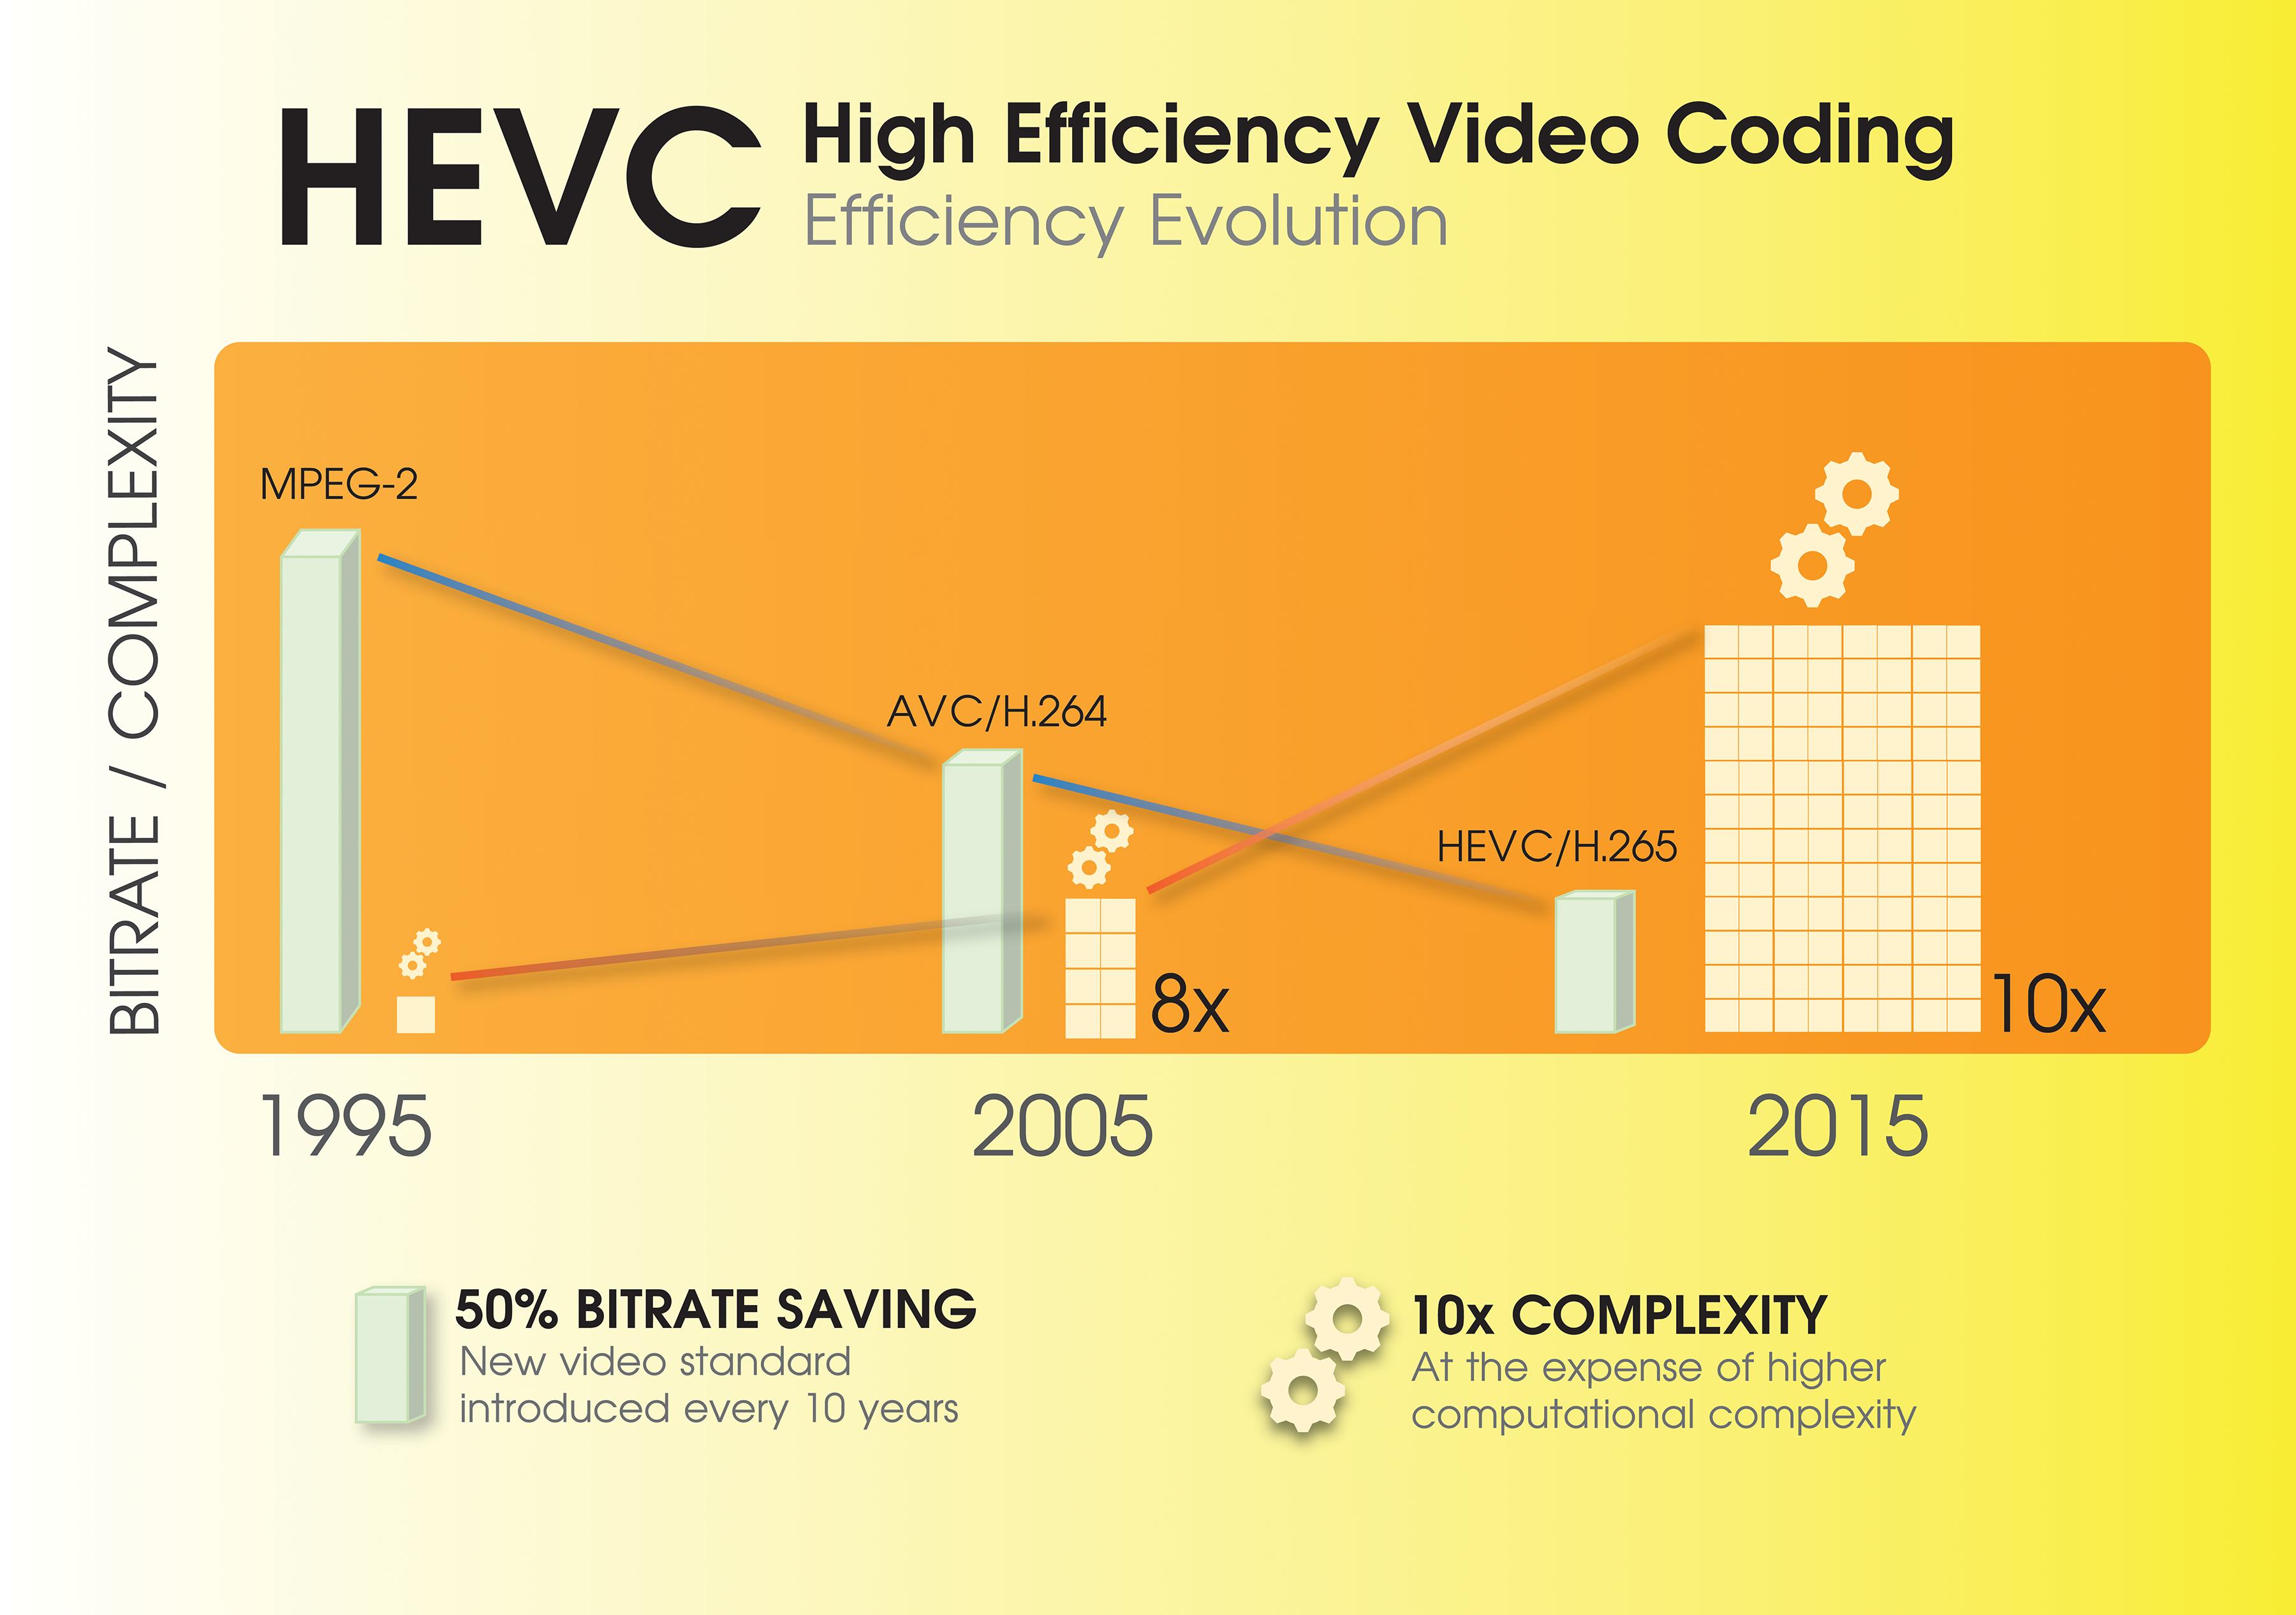 HEVC bit rate